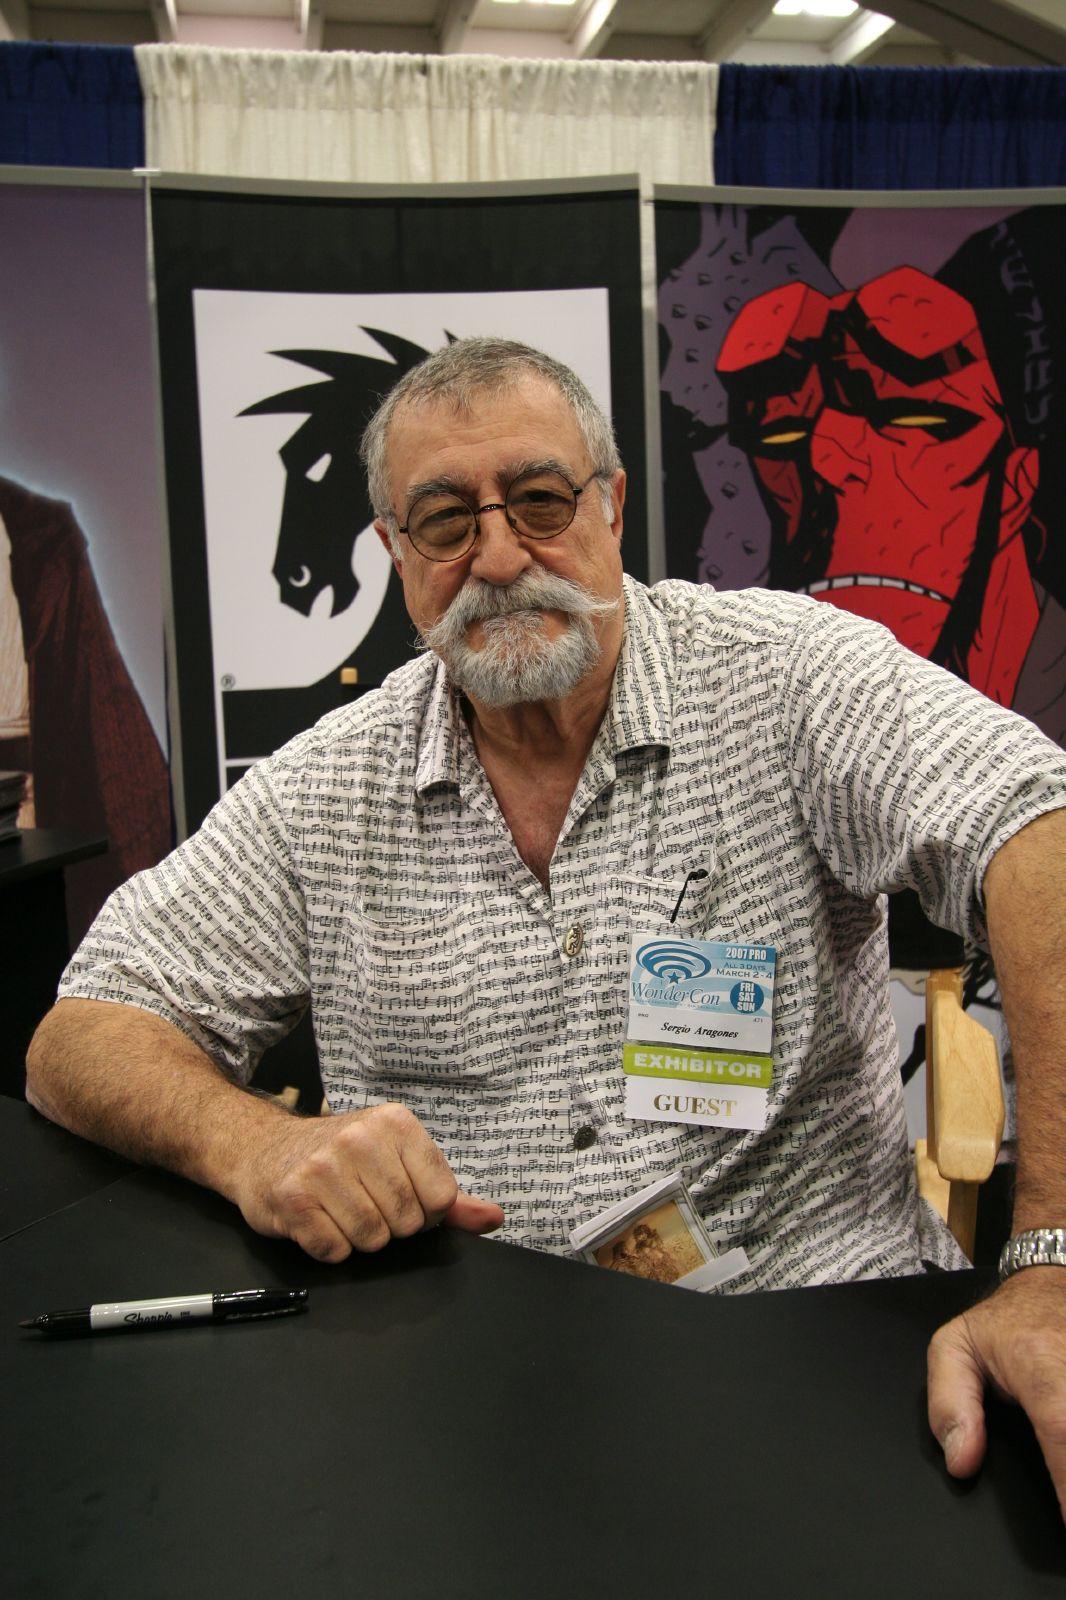 Sergio Aragonés - Wikipedia, la enciclopedia libre